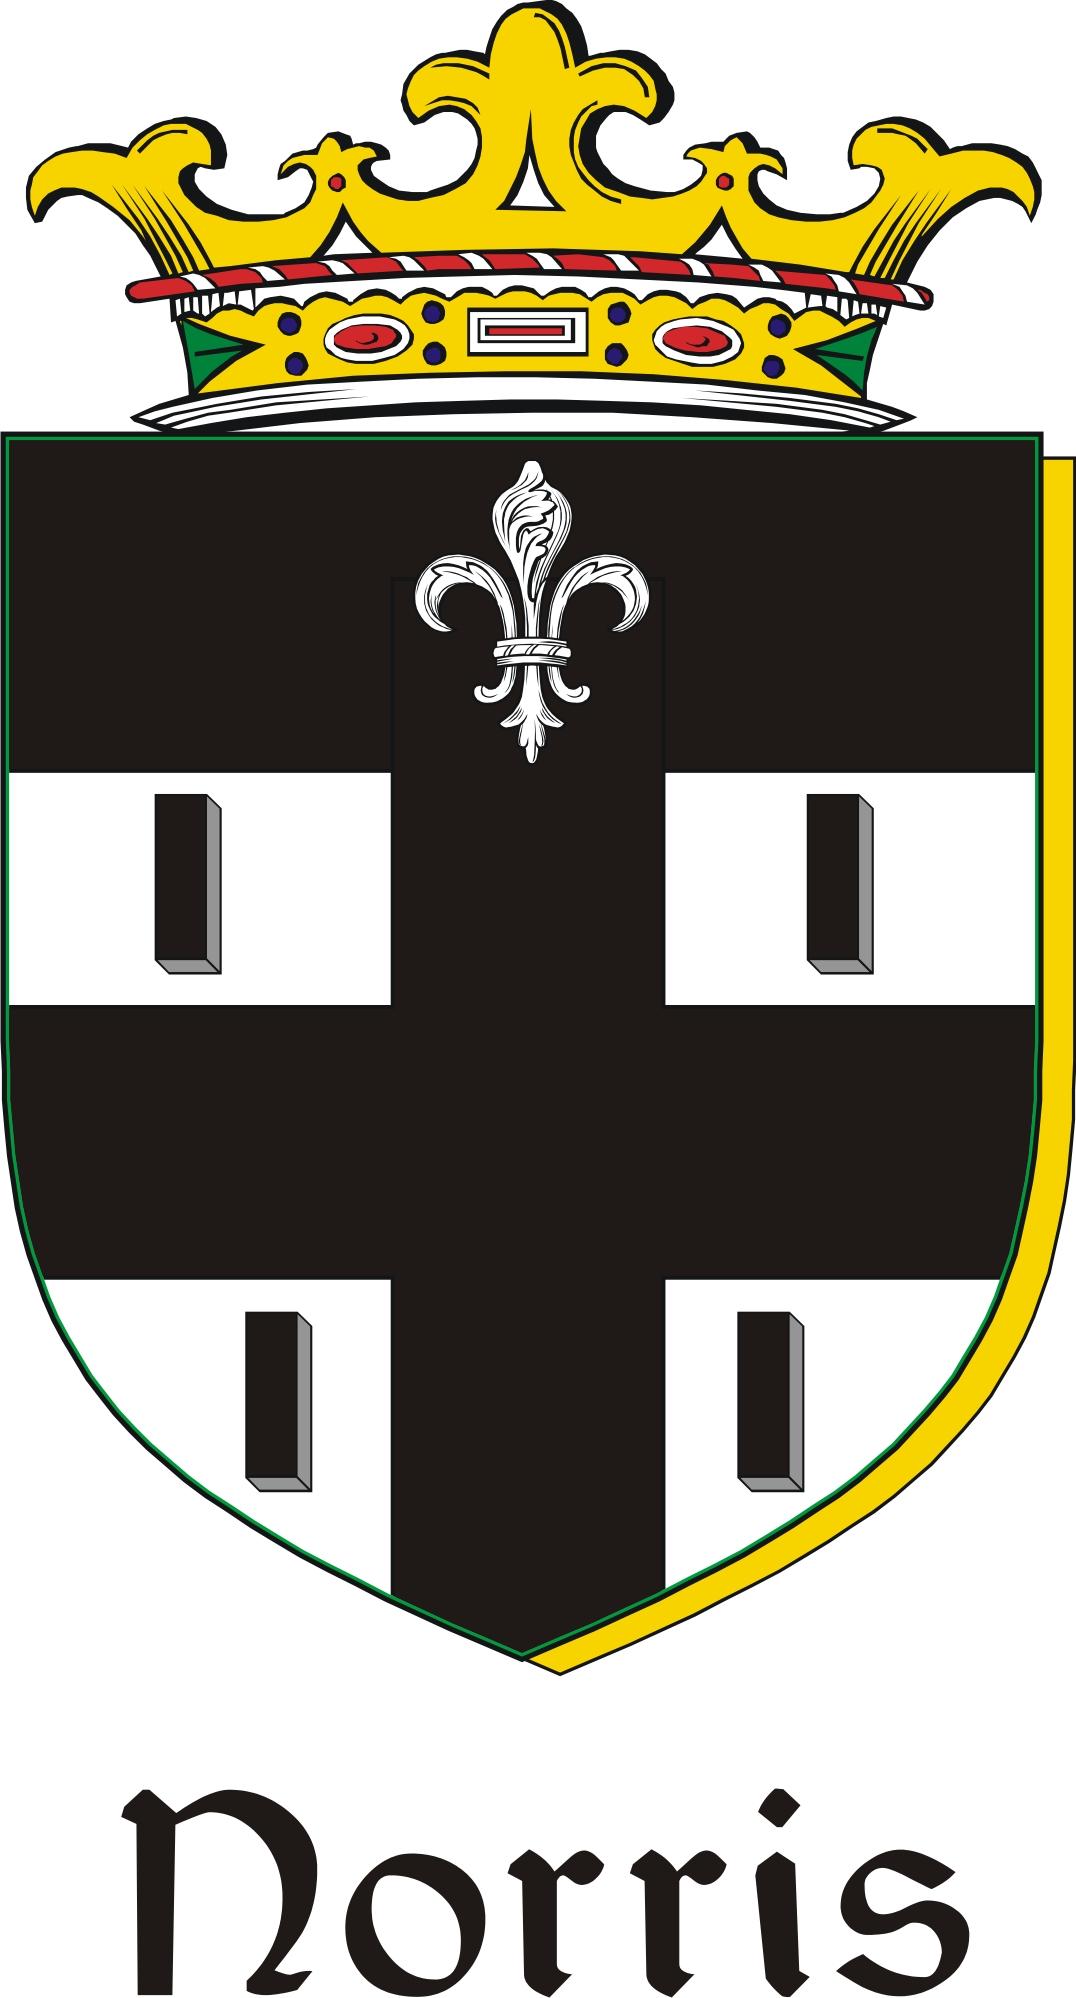 Norris family crest irish coat of arms image download download norris family crest irish coat of arms image download download buycottarizona Images